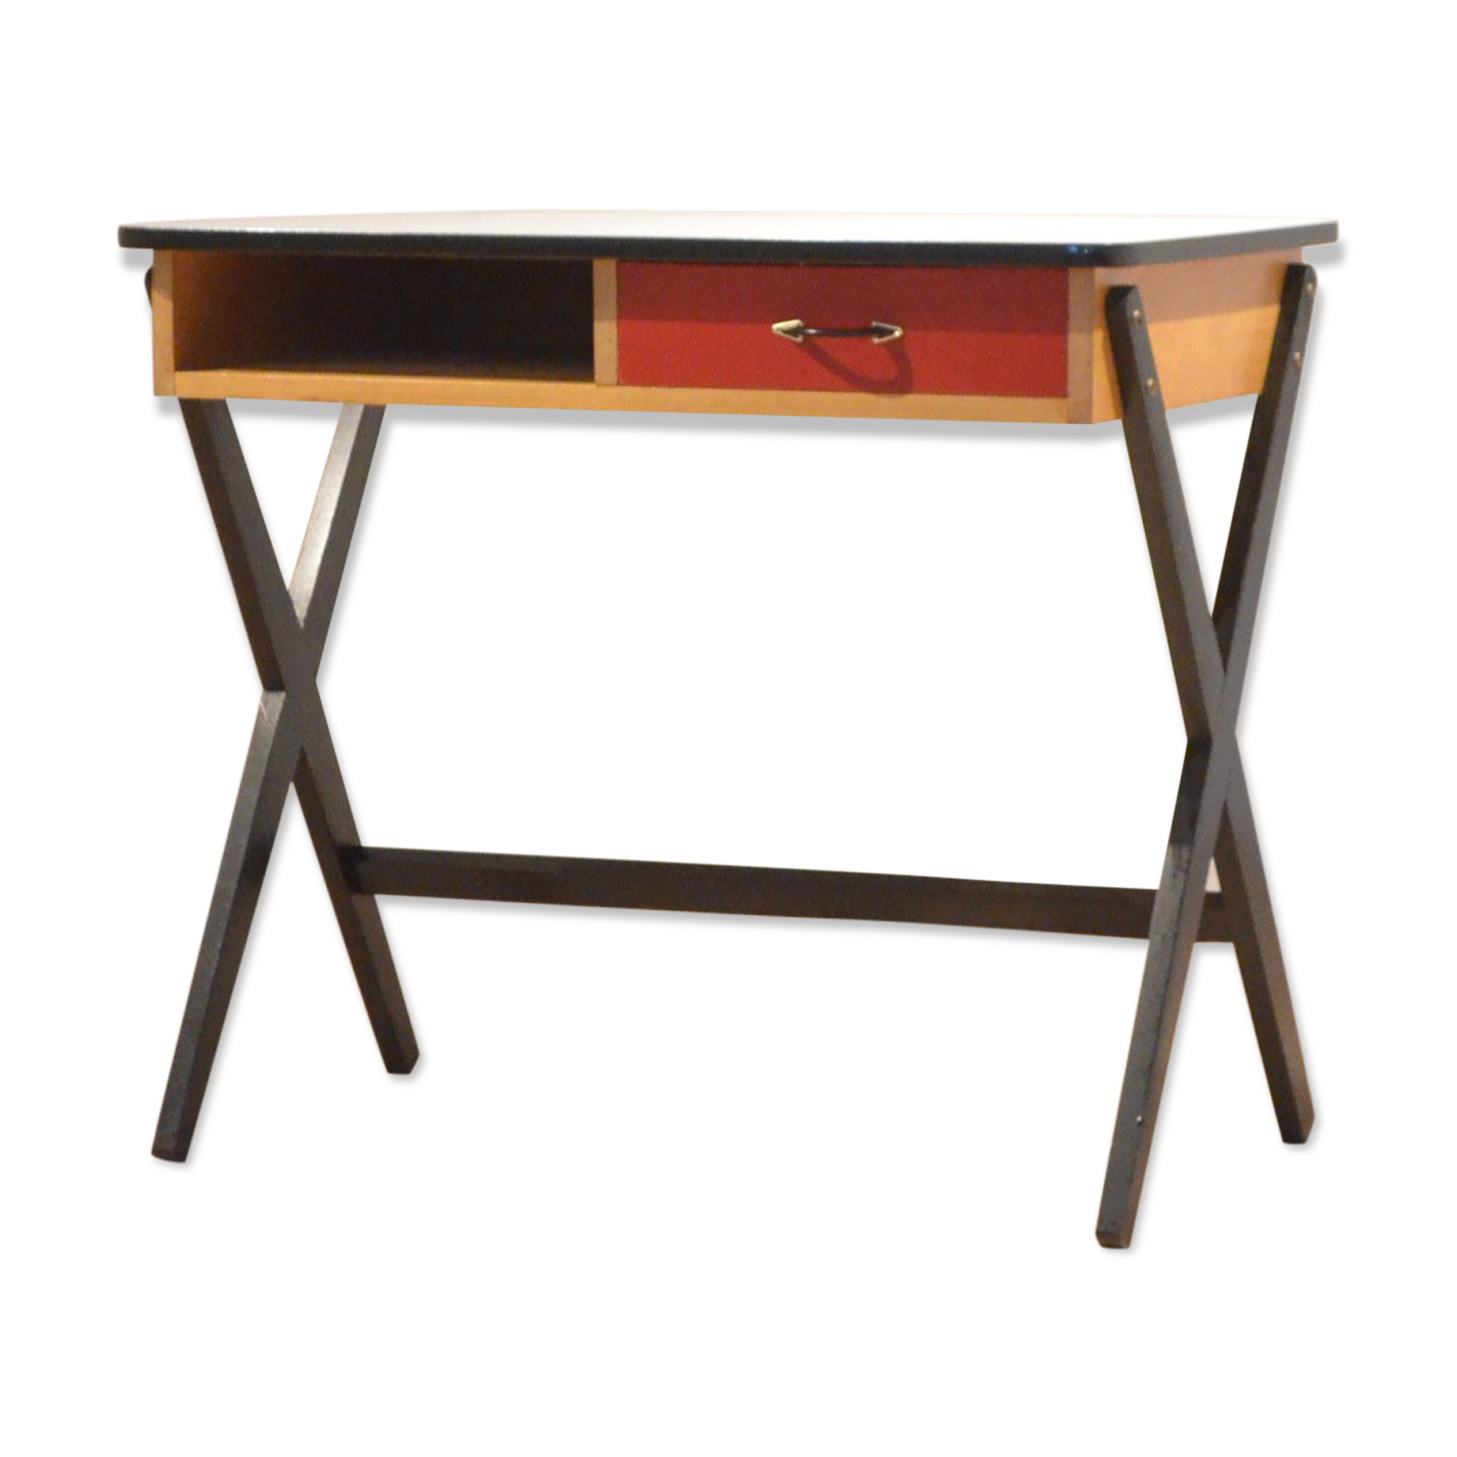 Bureau tricolore en formica bois peint design vintage bois